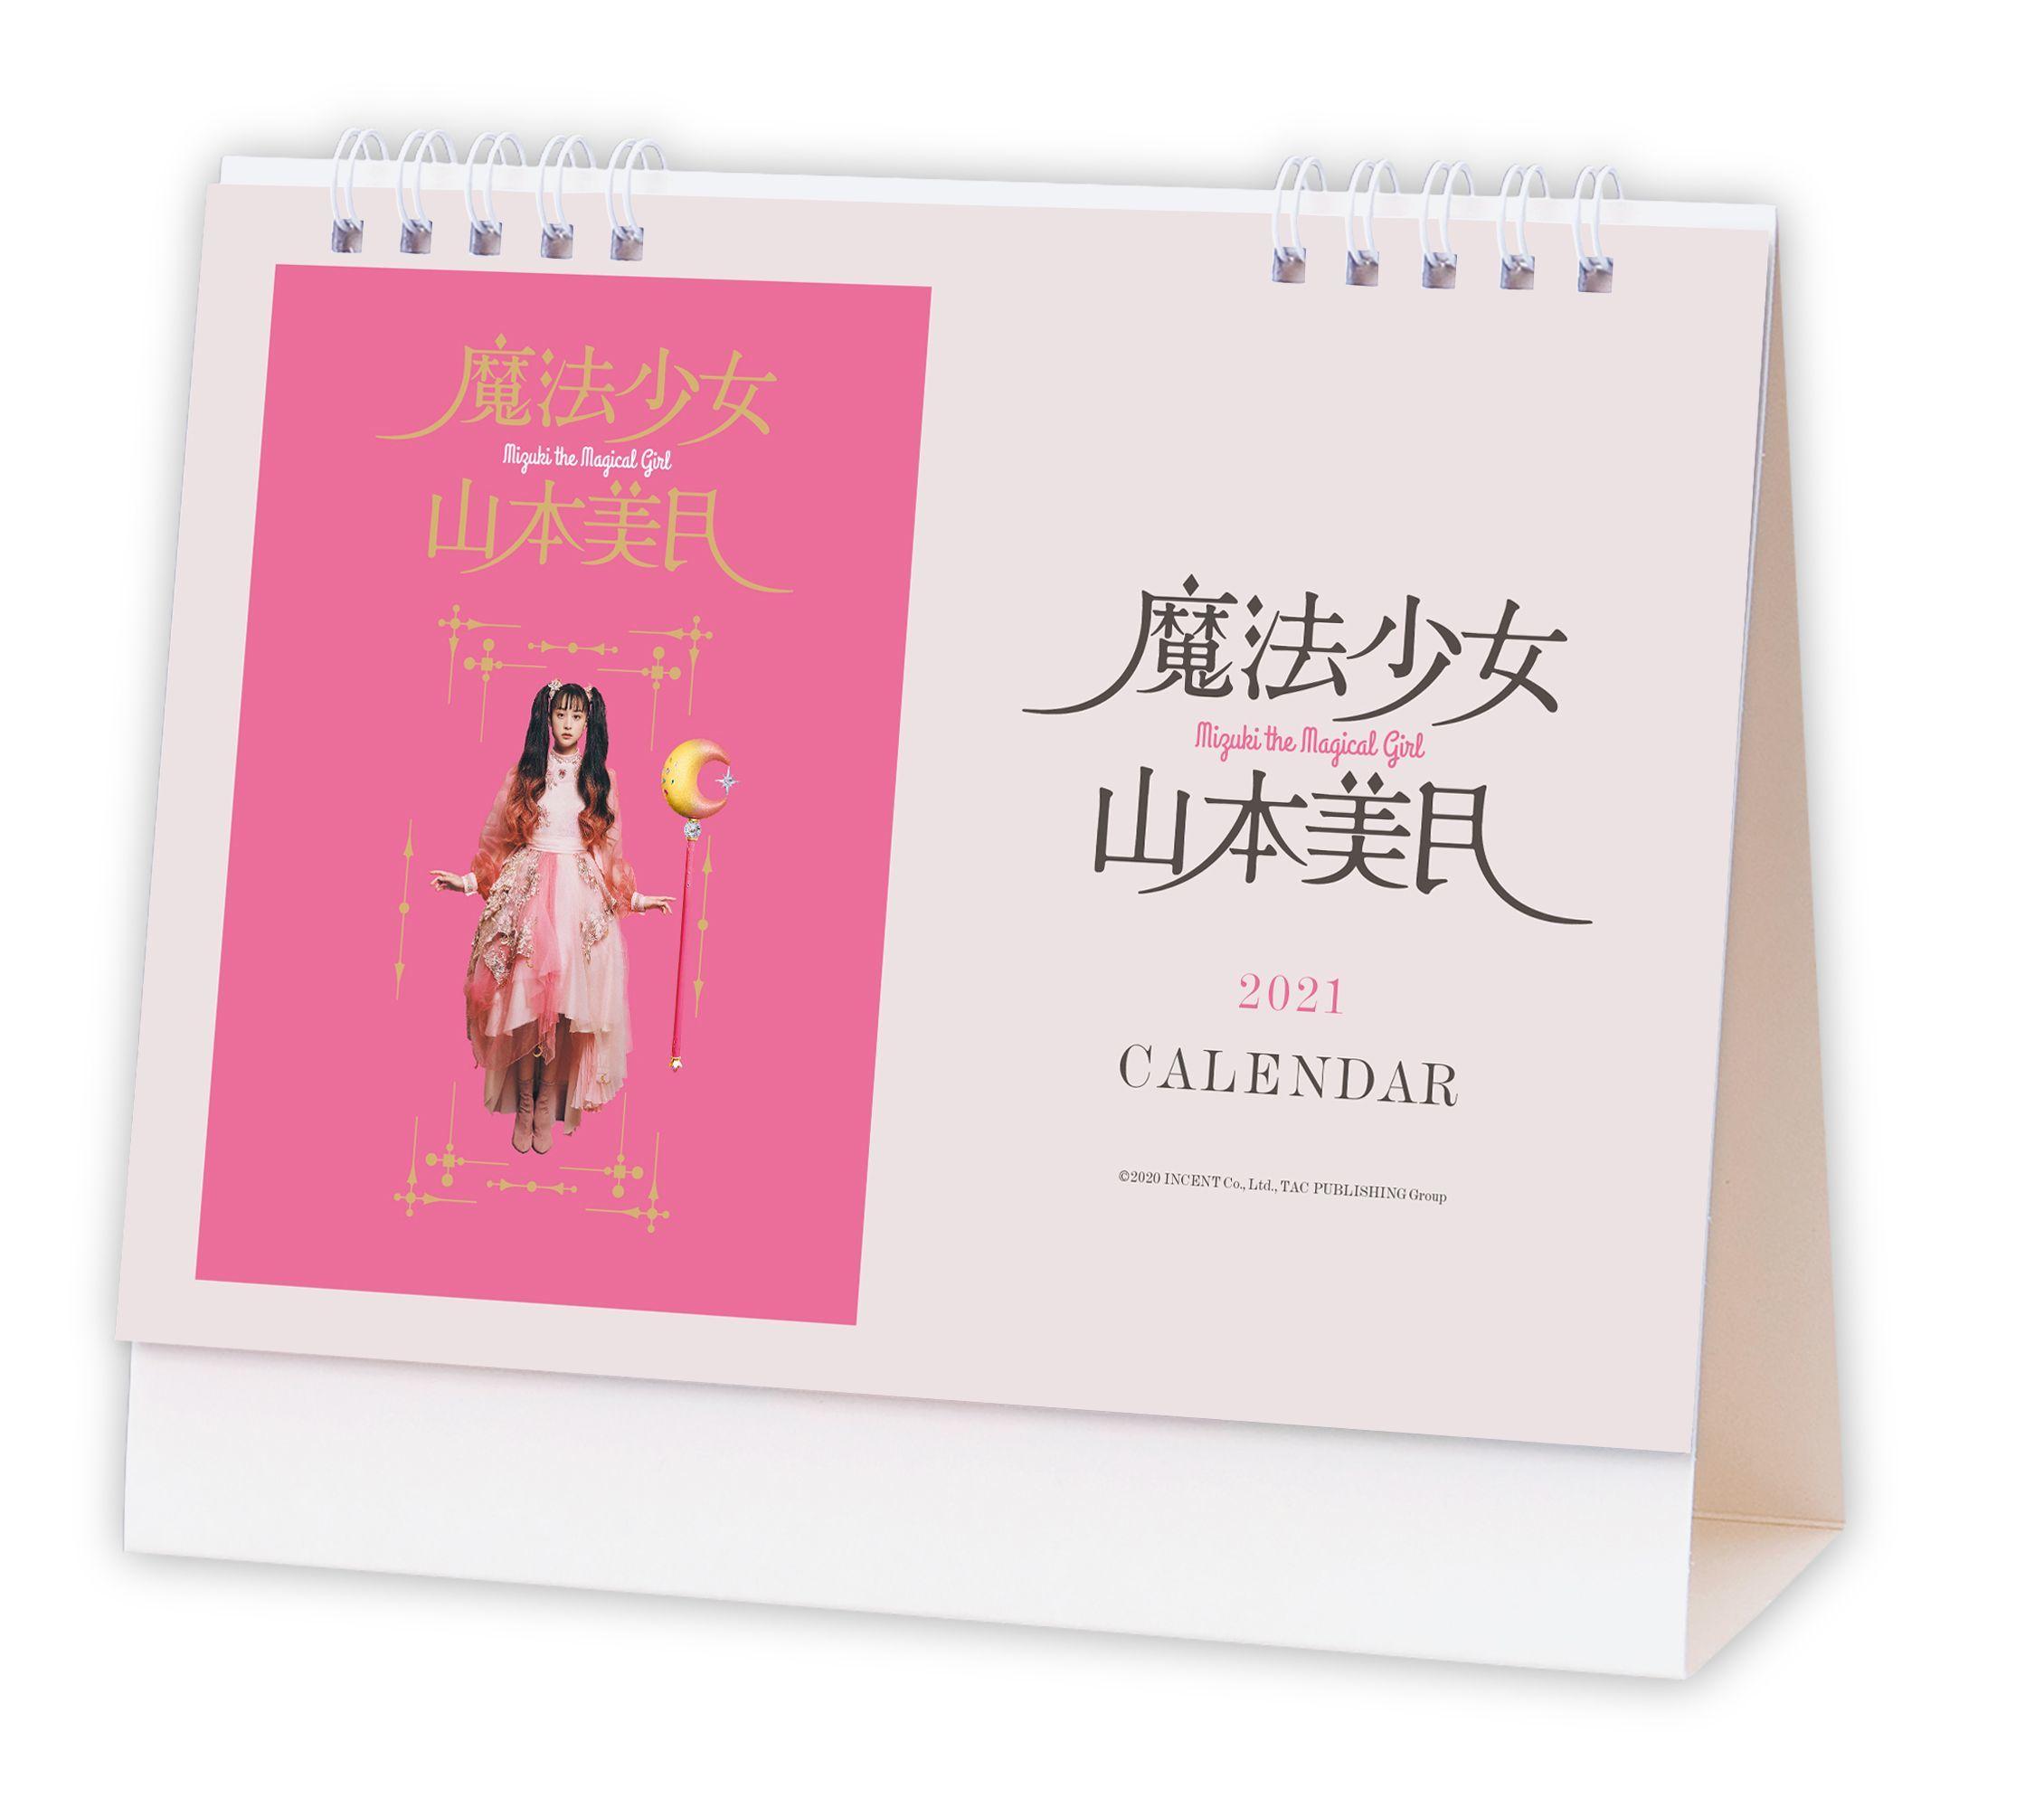 卓上カレンダー ※イメージ